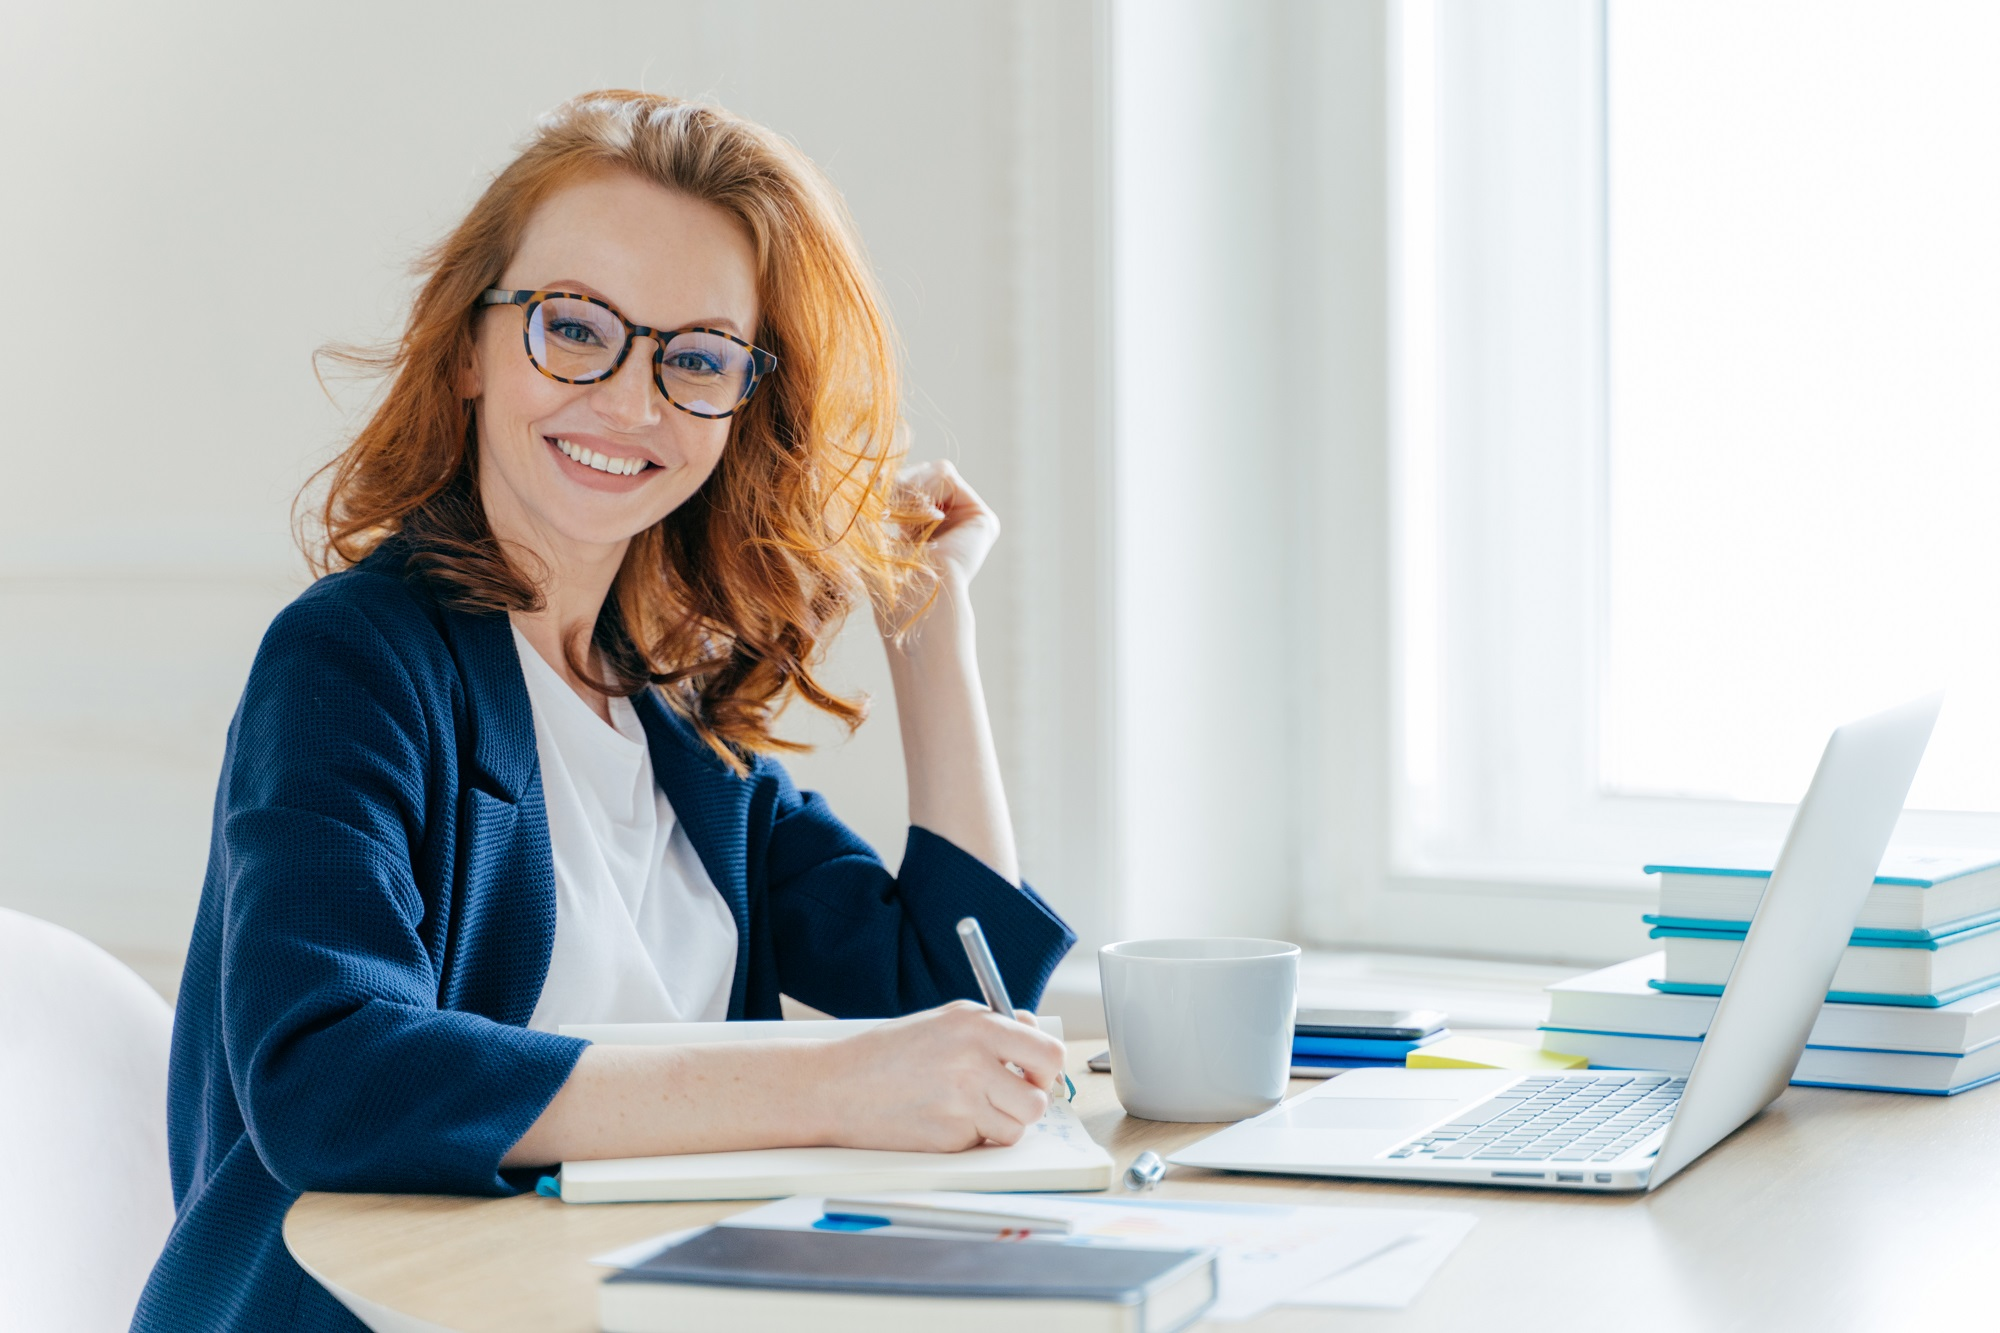 Como criar um perfil de freelancer que se destaque?